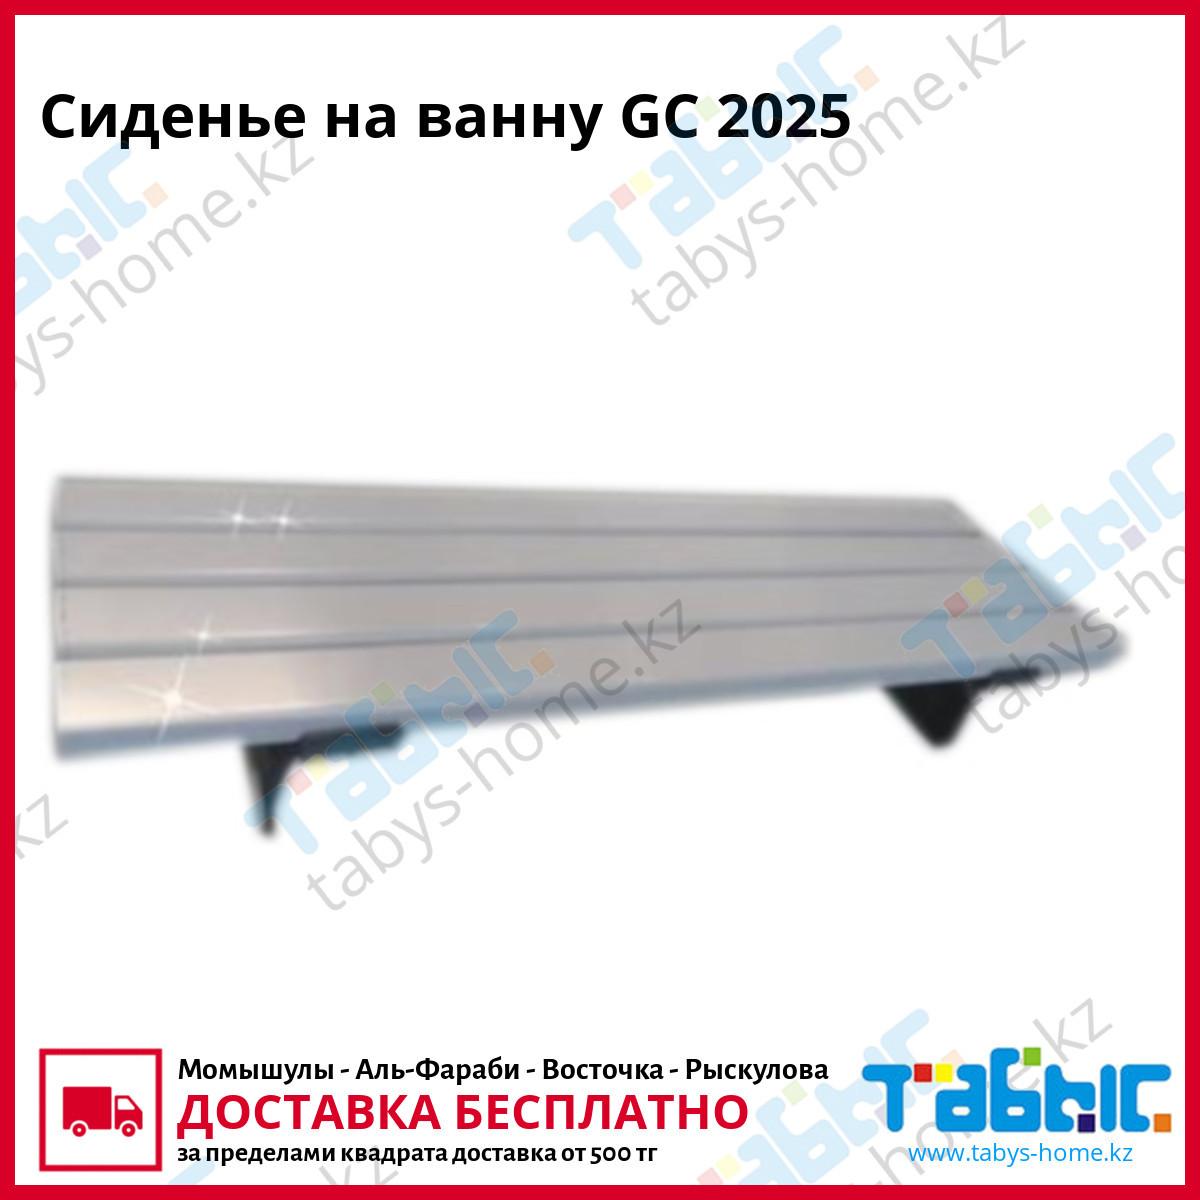 Сиденье на ванну GC 2025